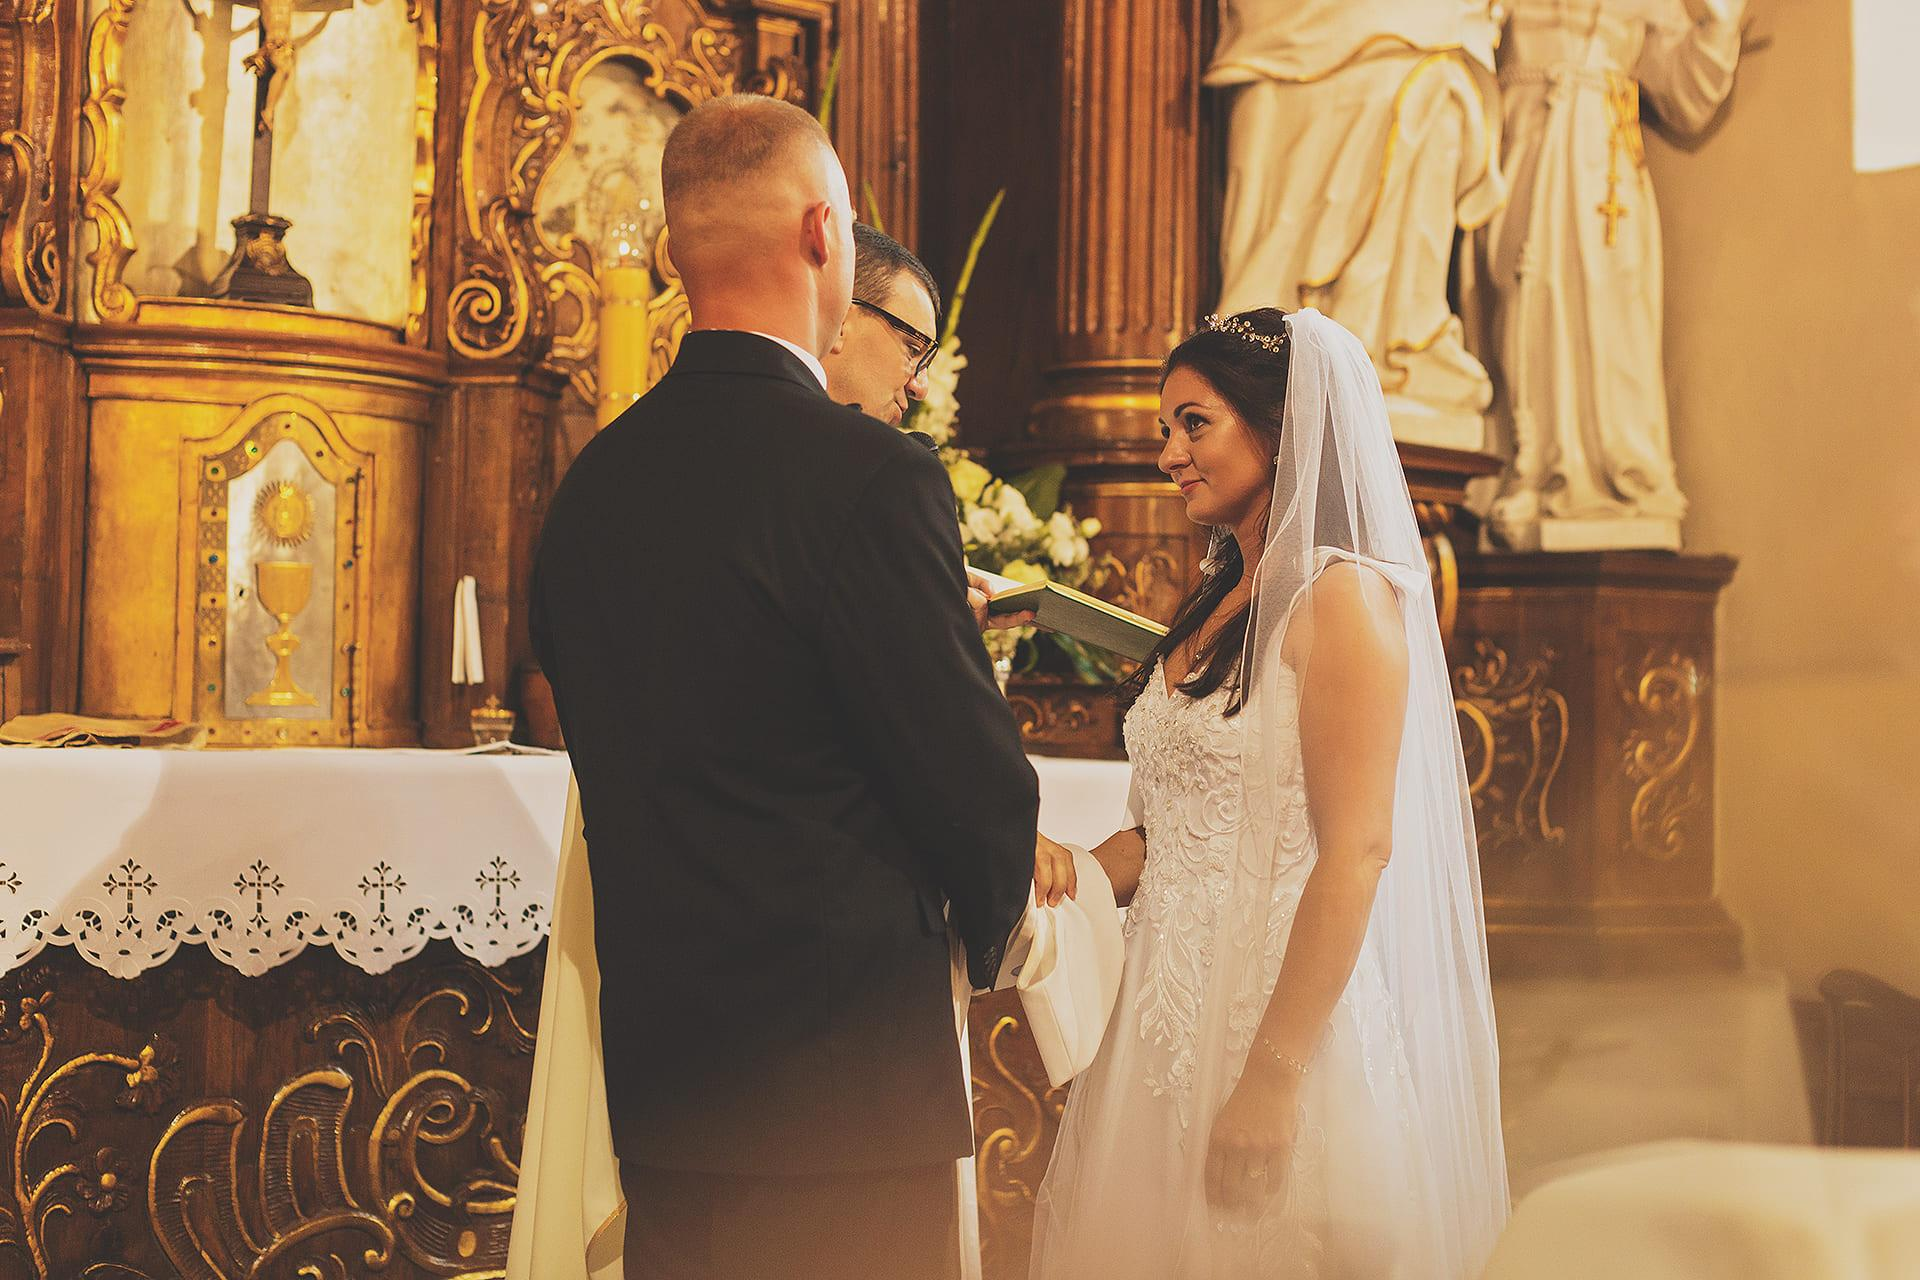 Przysięga małżeńska pani młoda